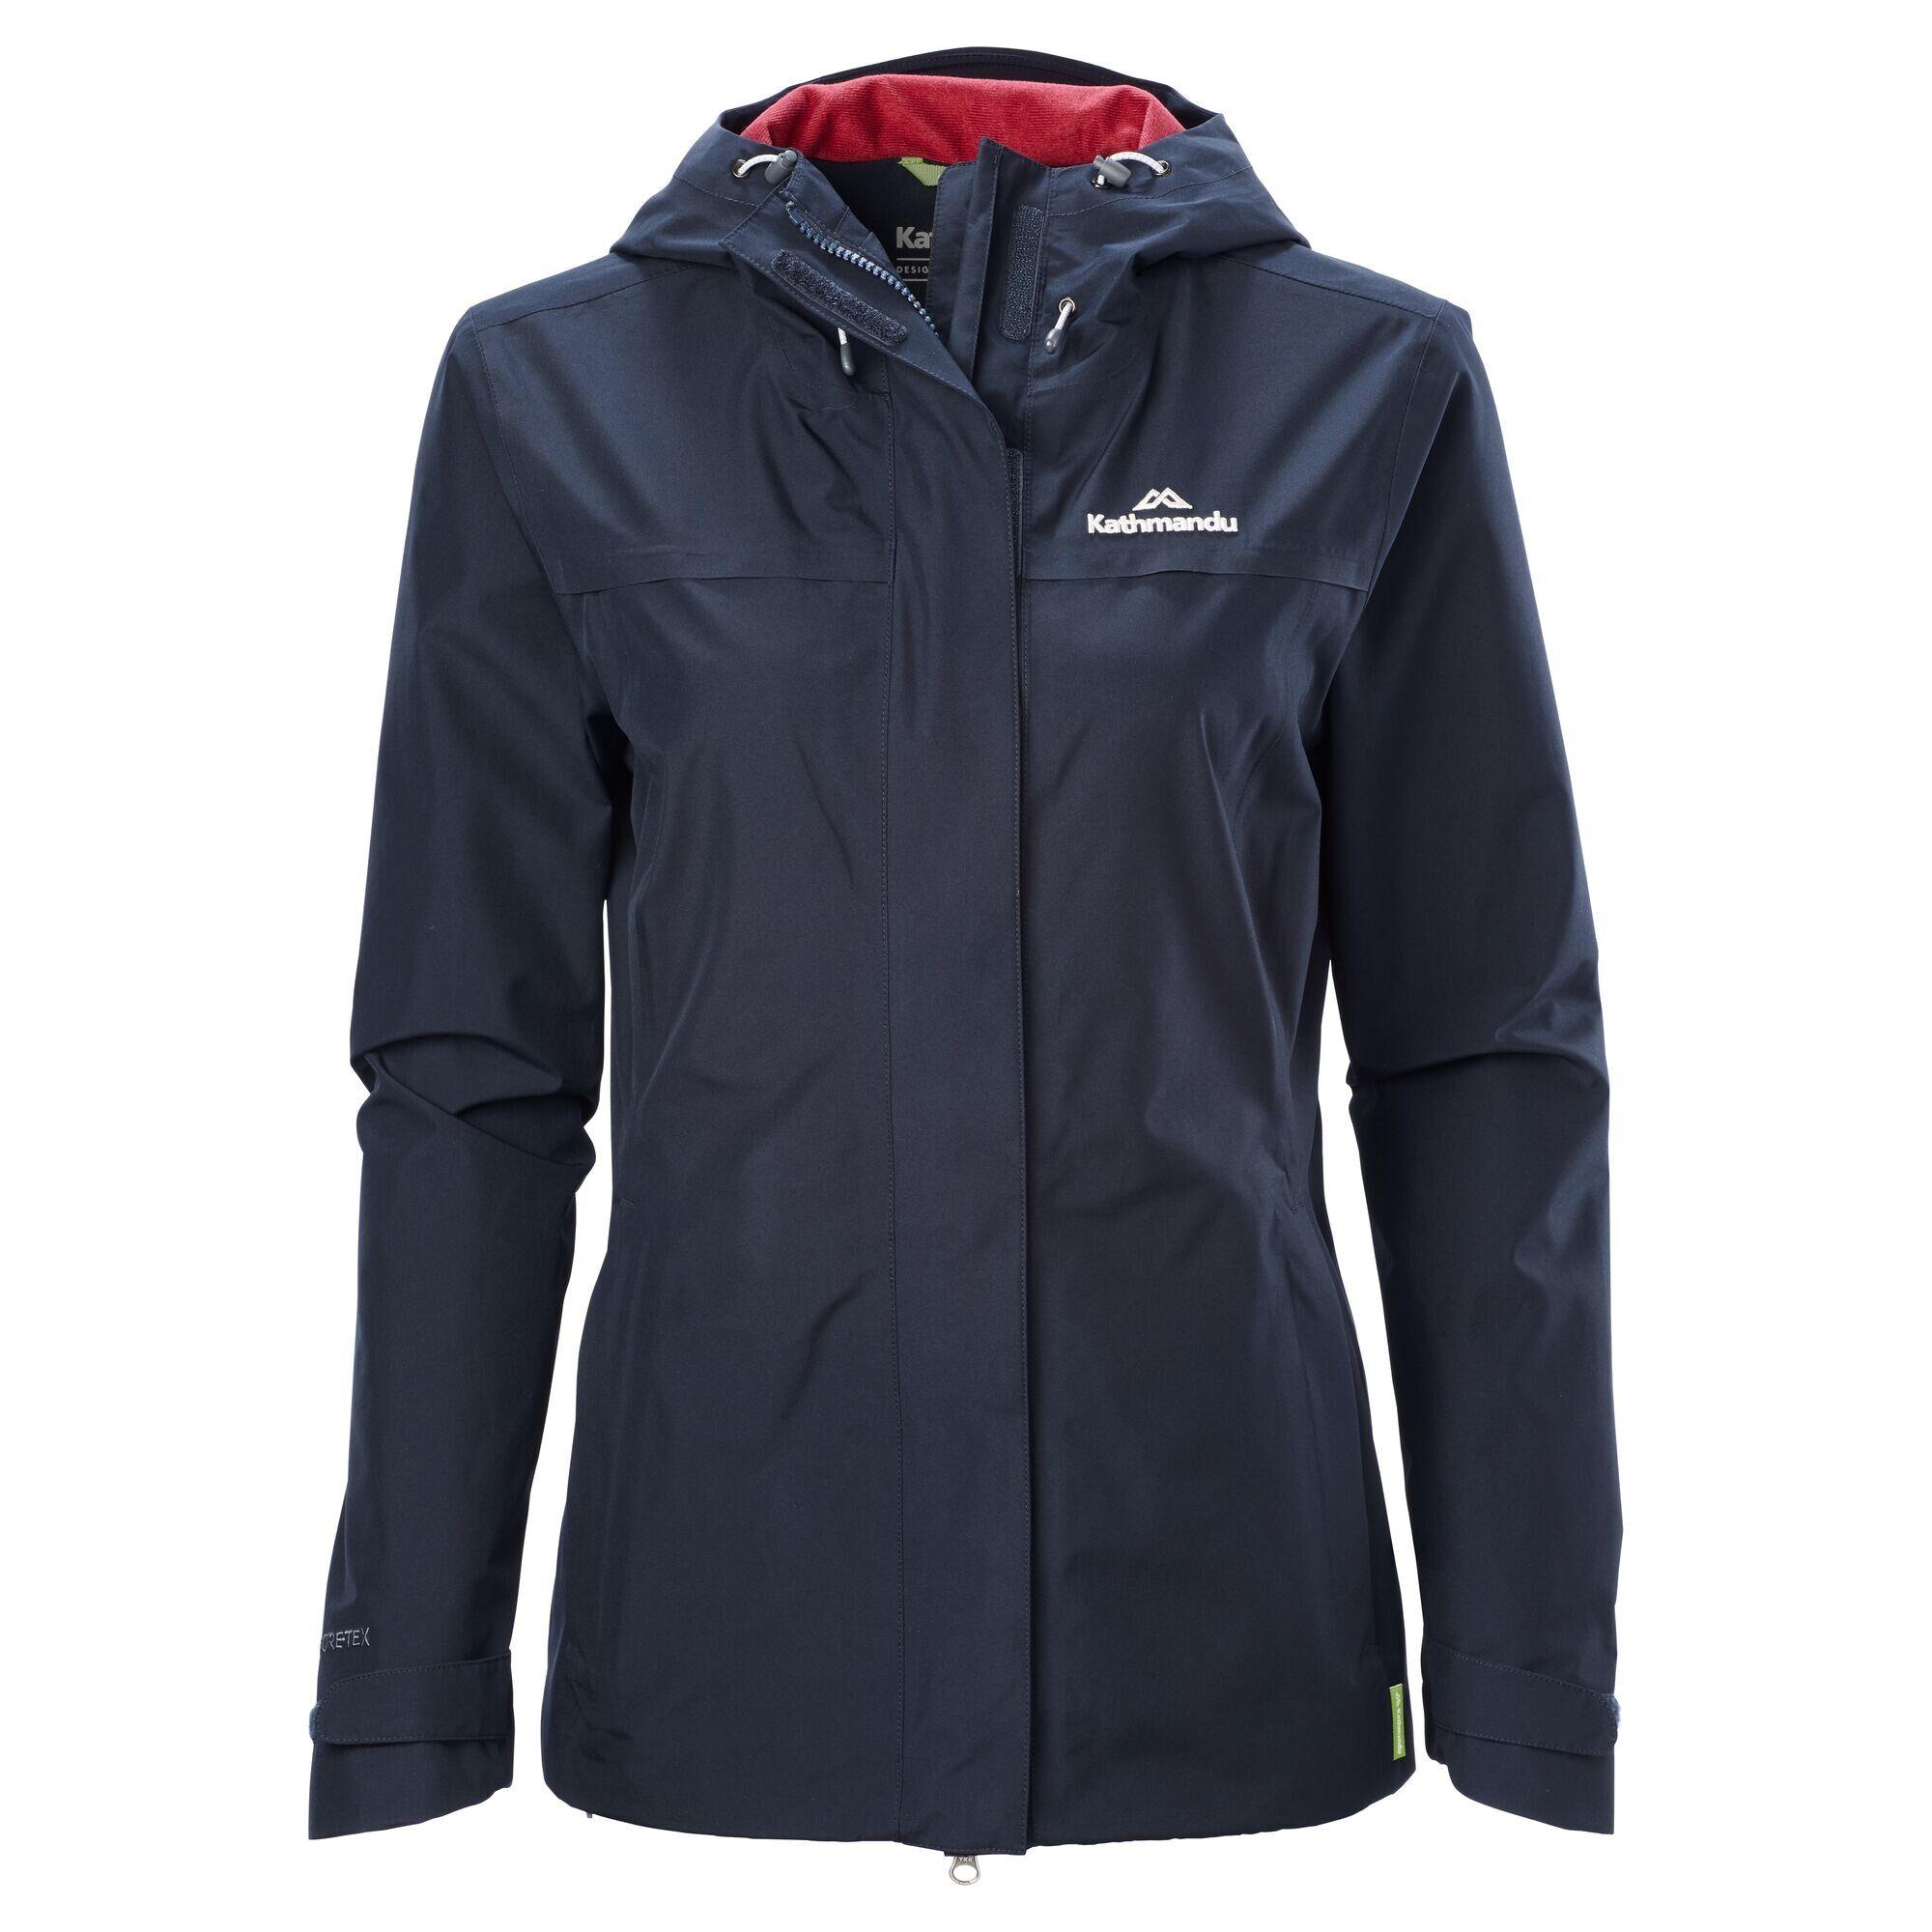 Kathmandu Bealey Women's GORE-TEX Jacket  - Midnight Navy - Size: US 14